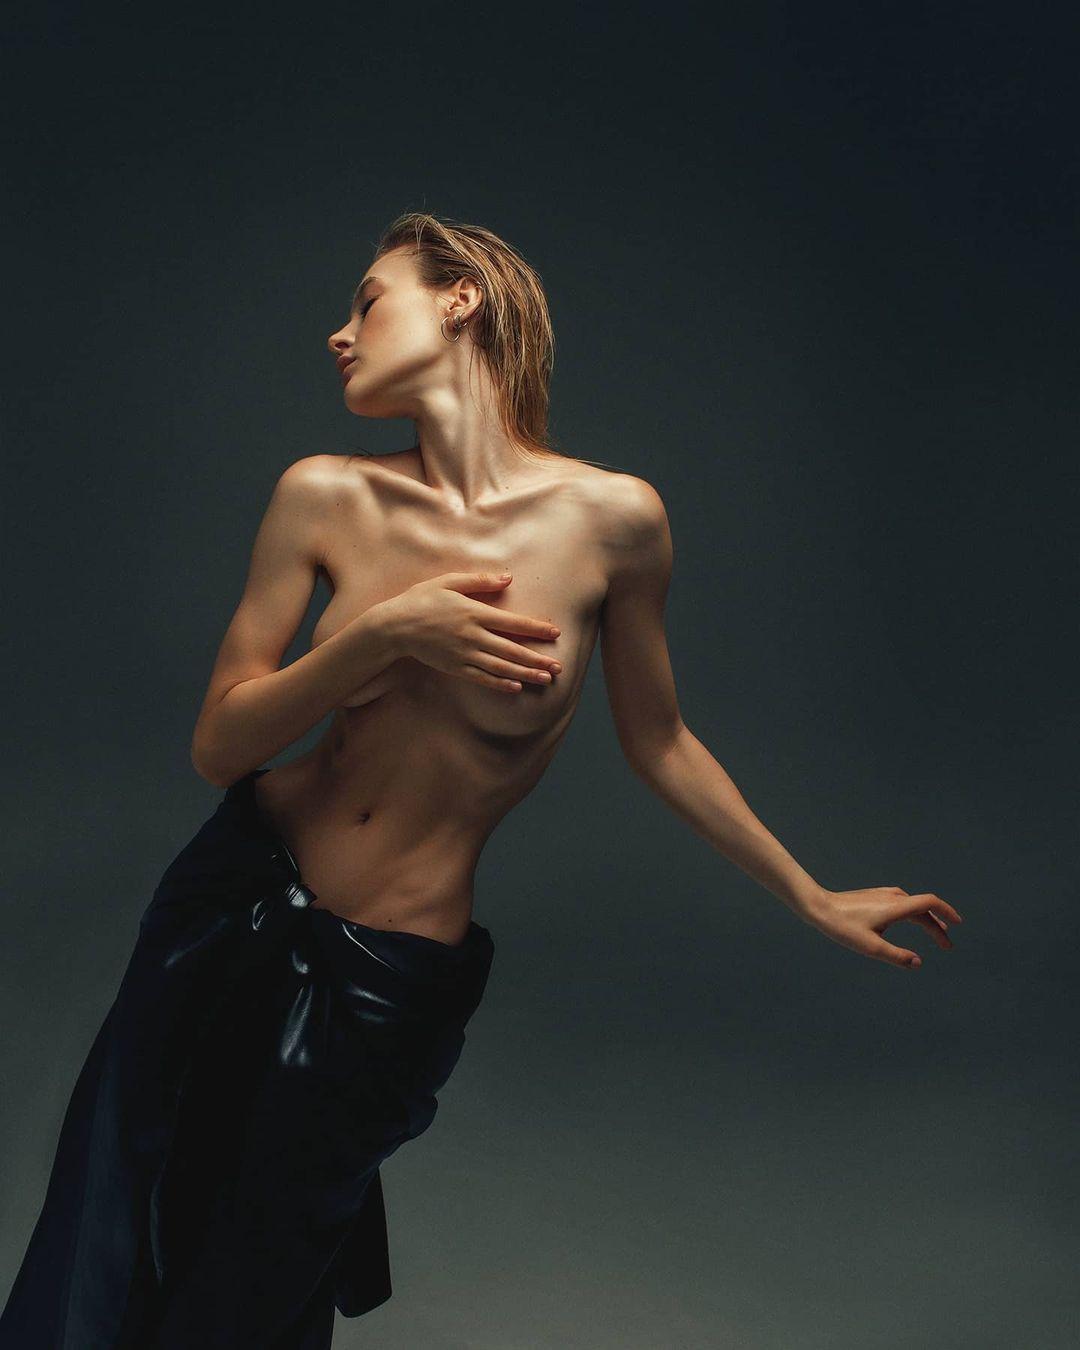 Kate Sekker by Max Zadorozhny